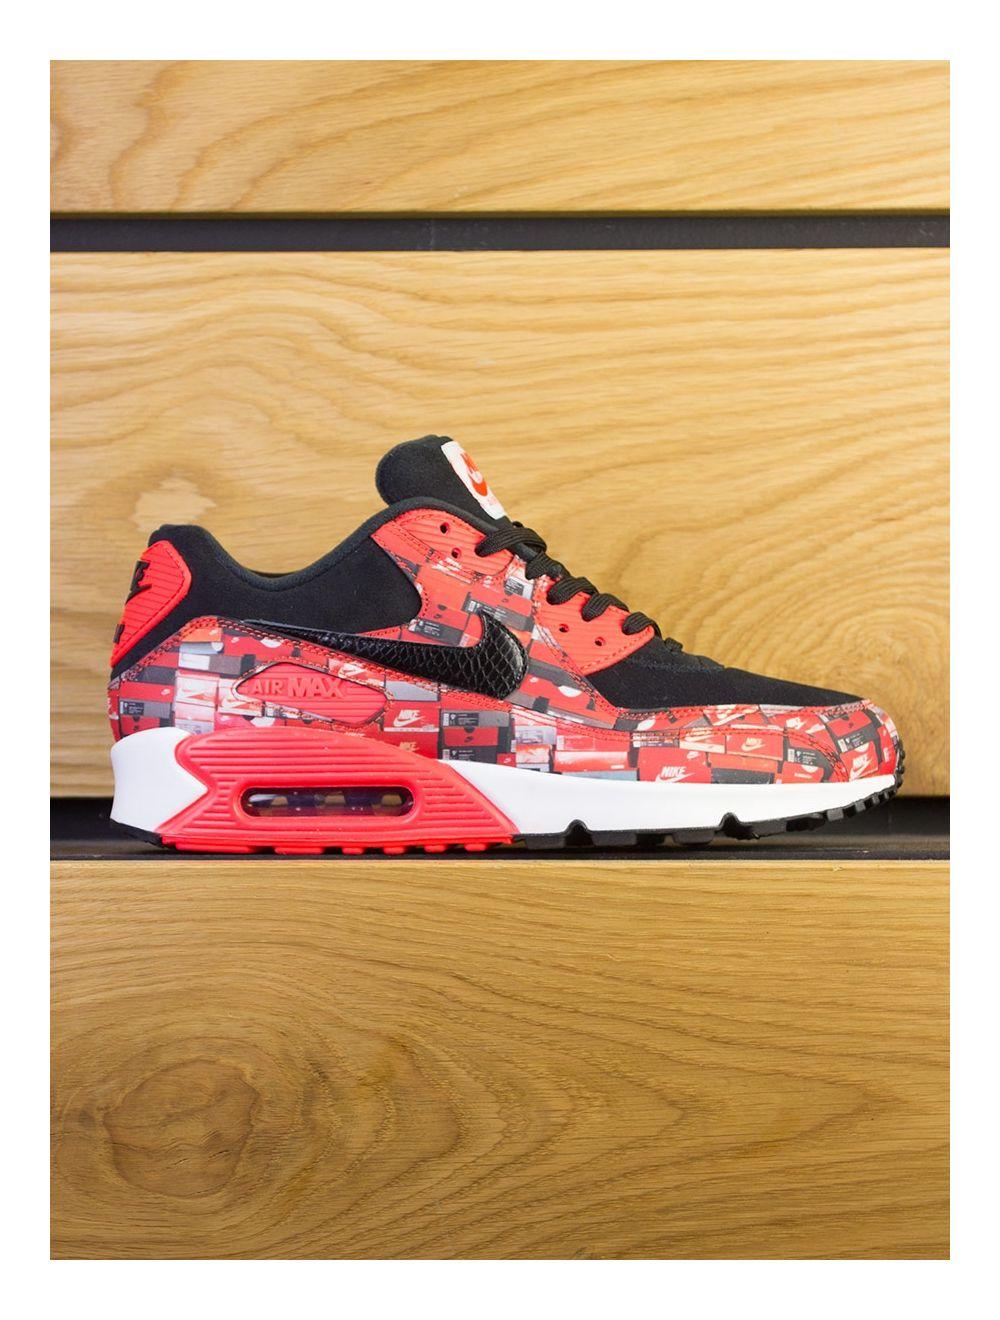 the best attitude 6d402 54319 Nike Air Max 90 PRNT x Atmos Premium QS